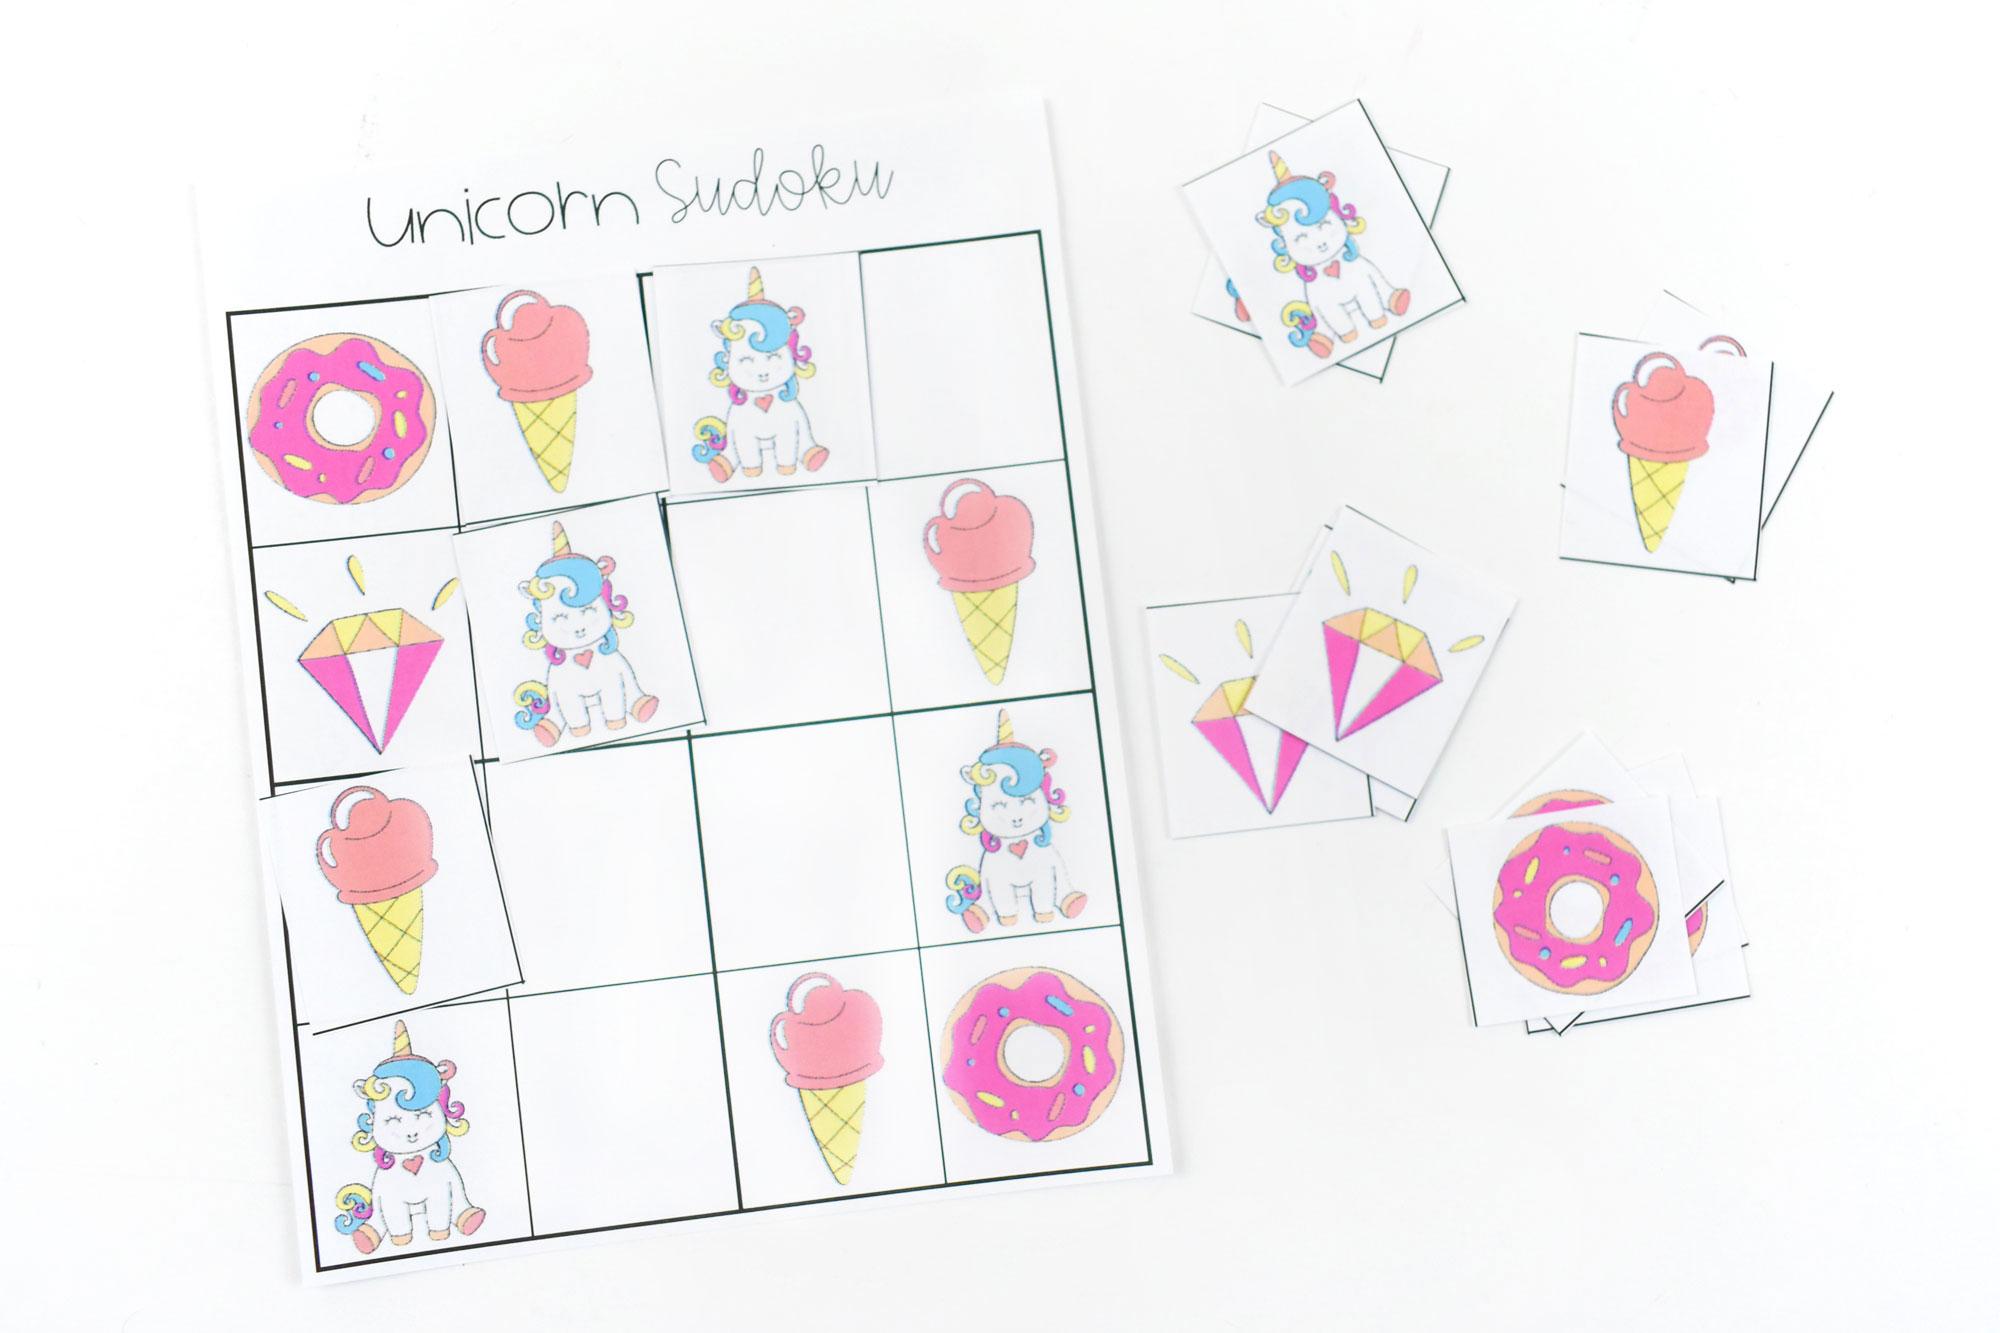 Unicorn Easy 4x4 Sudoku